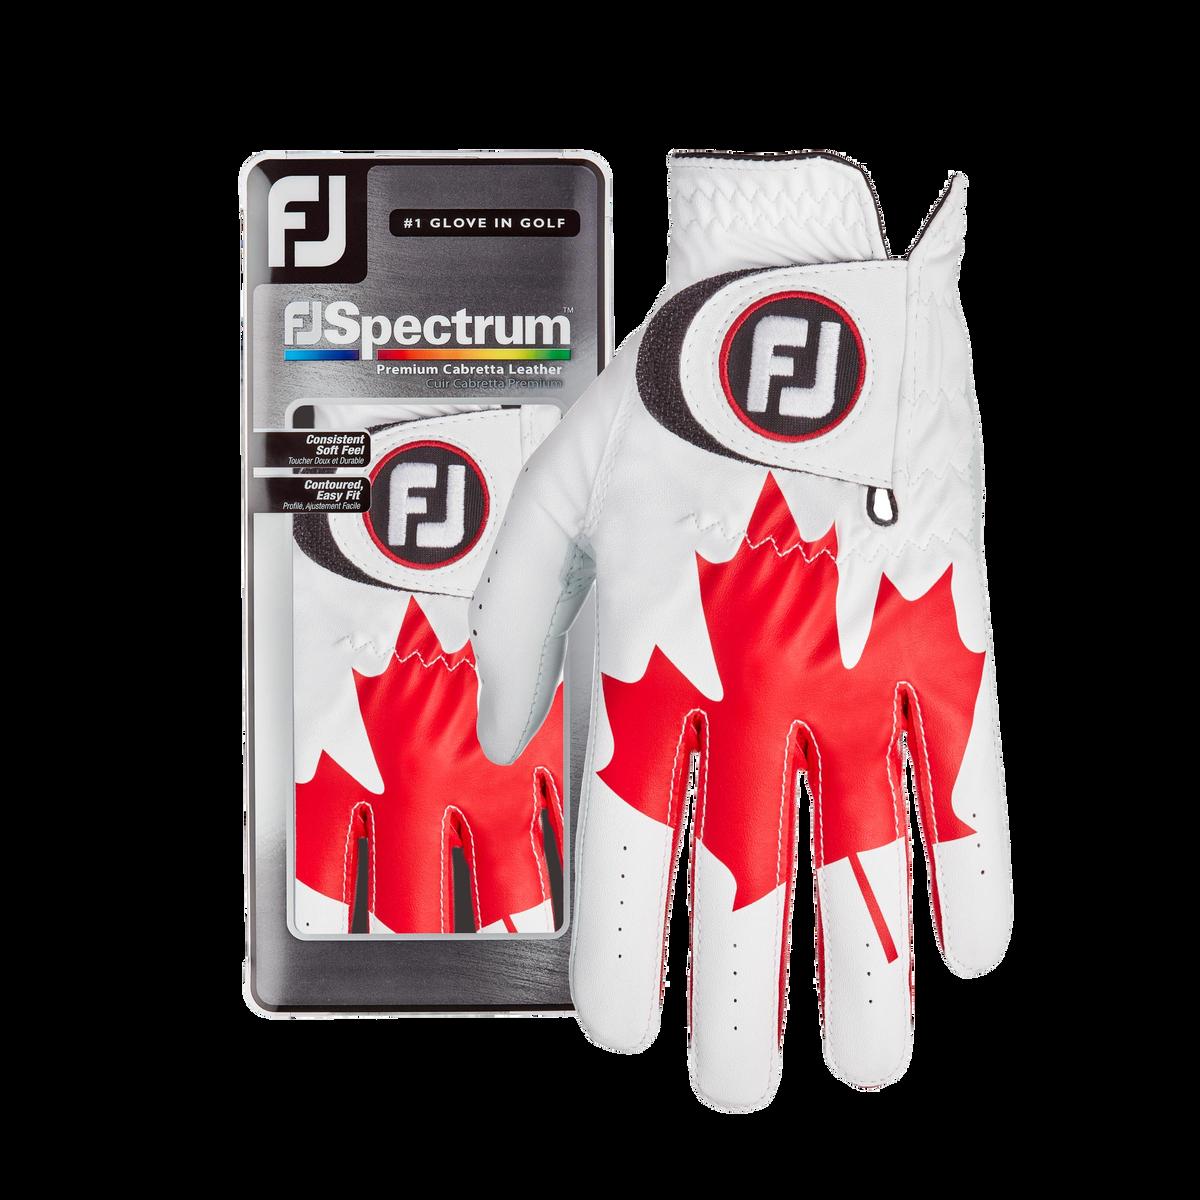 FJ Spectrum Canada